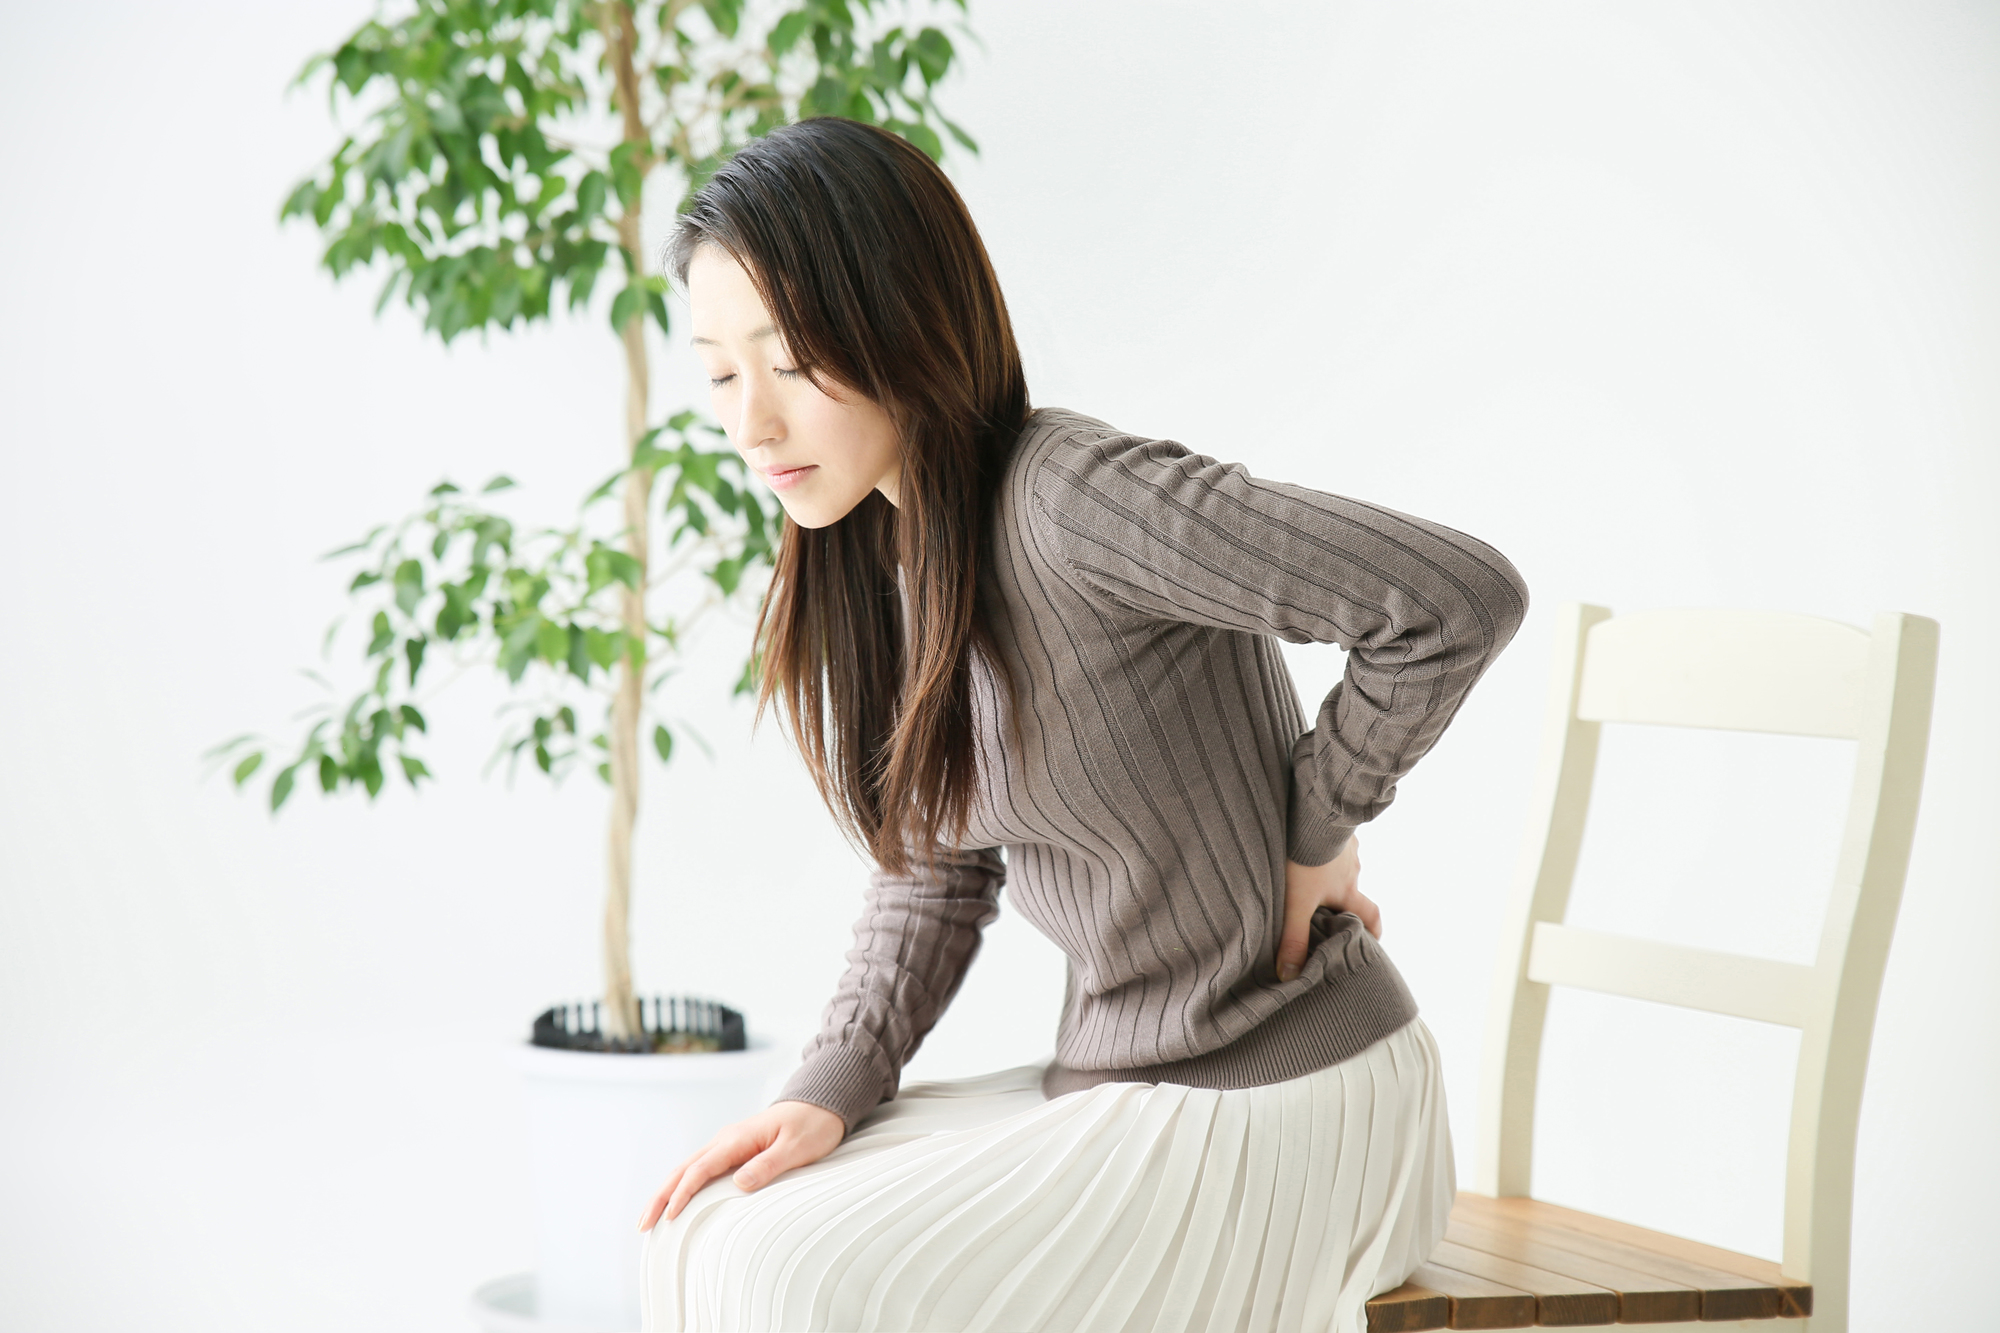 仙腸関節性腰痛の患者さん